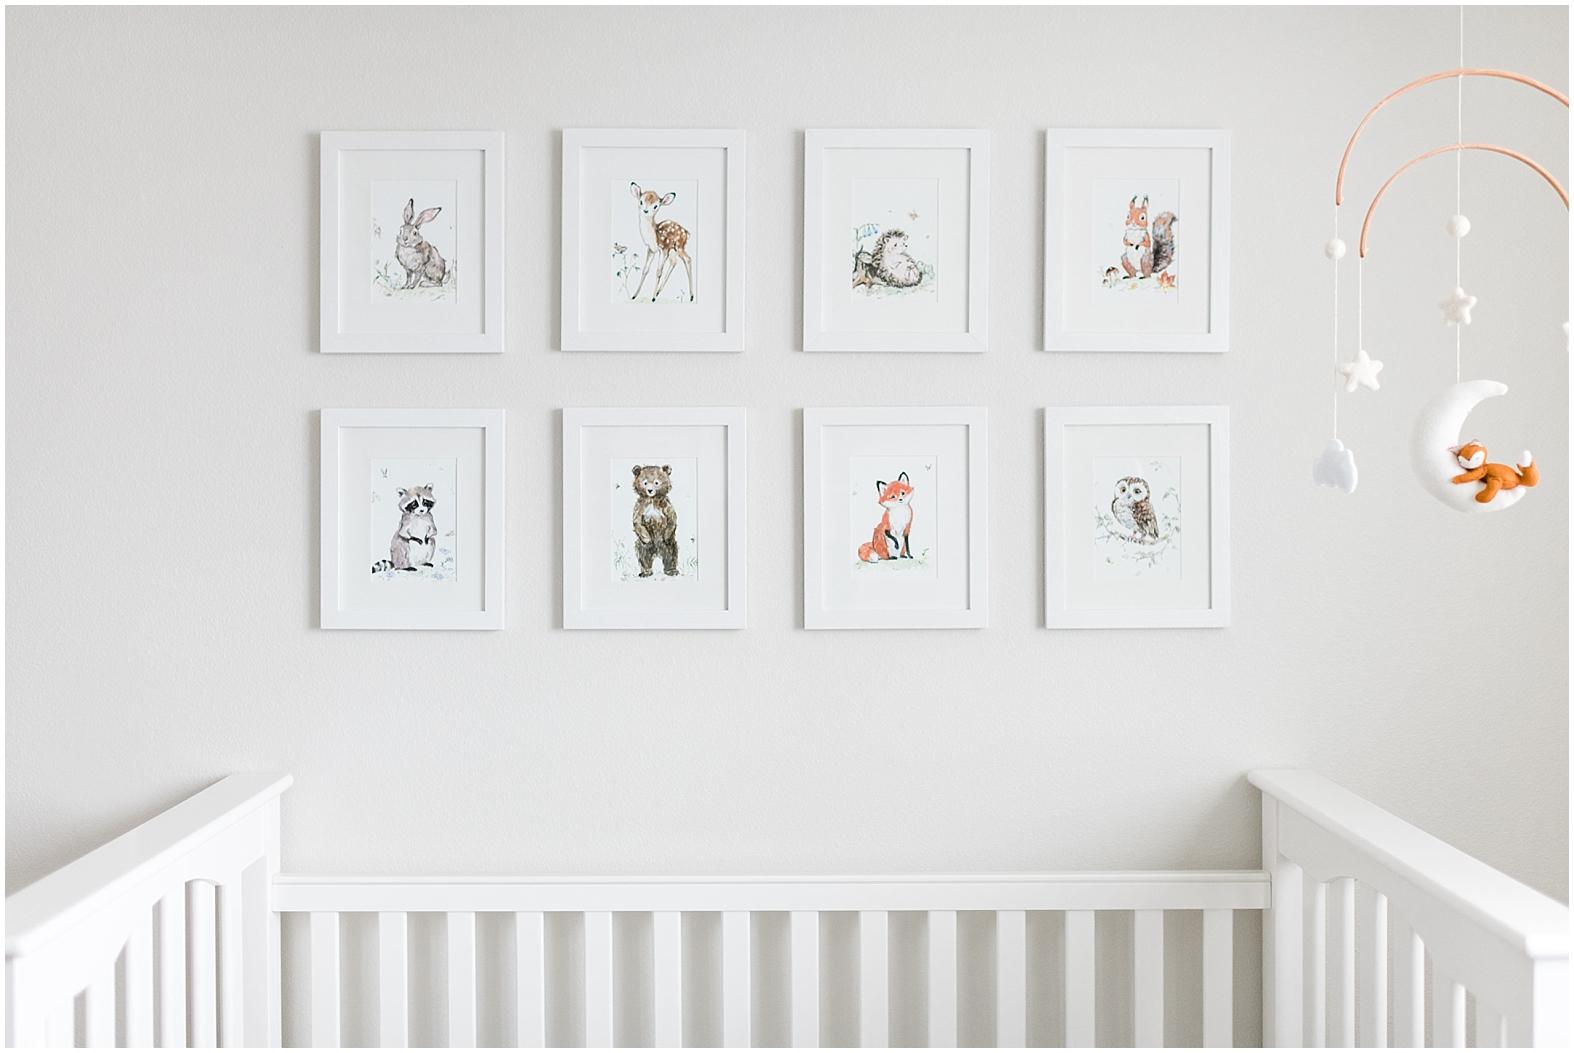 Woodland animals nursery, gender neutral nursery, nursery design, nursery style, baby boy nursery, simple nursery, light and airy nursery, woodland creatures nursery, woodland animals